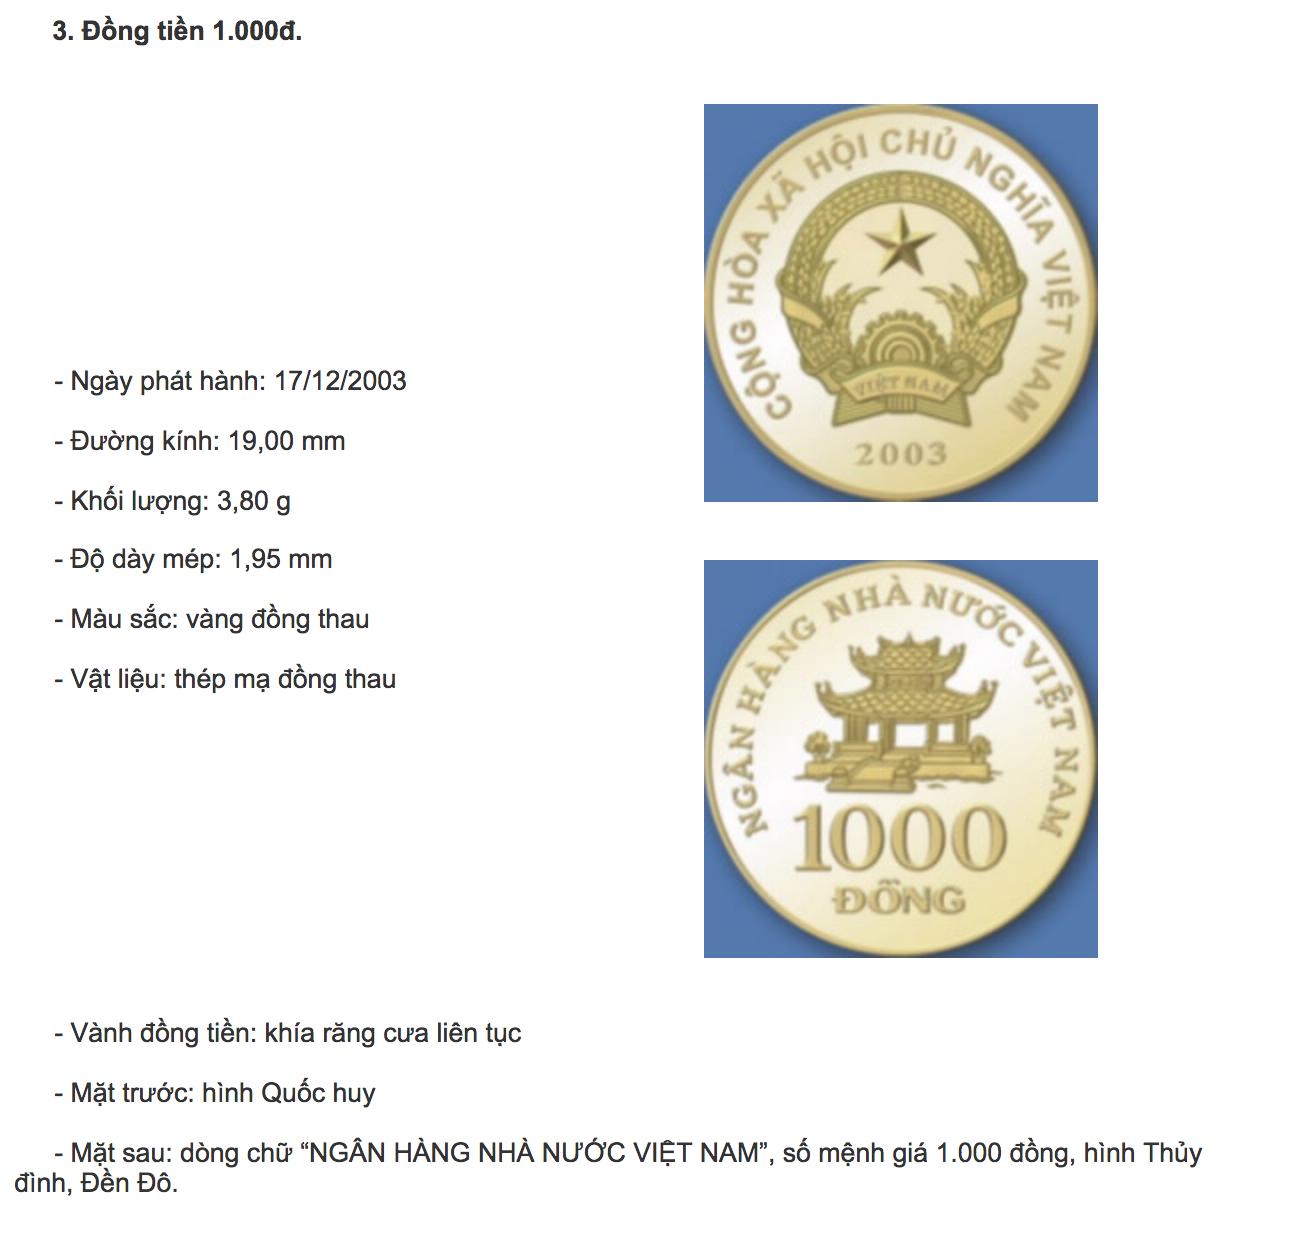 Tiền xu mệnh giá 1000 đ